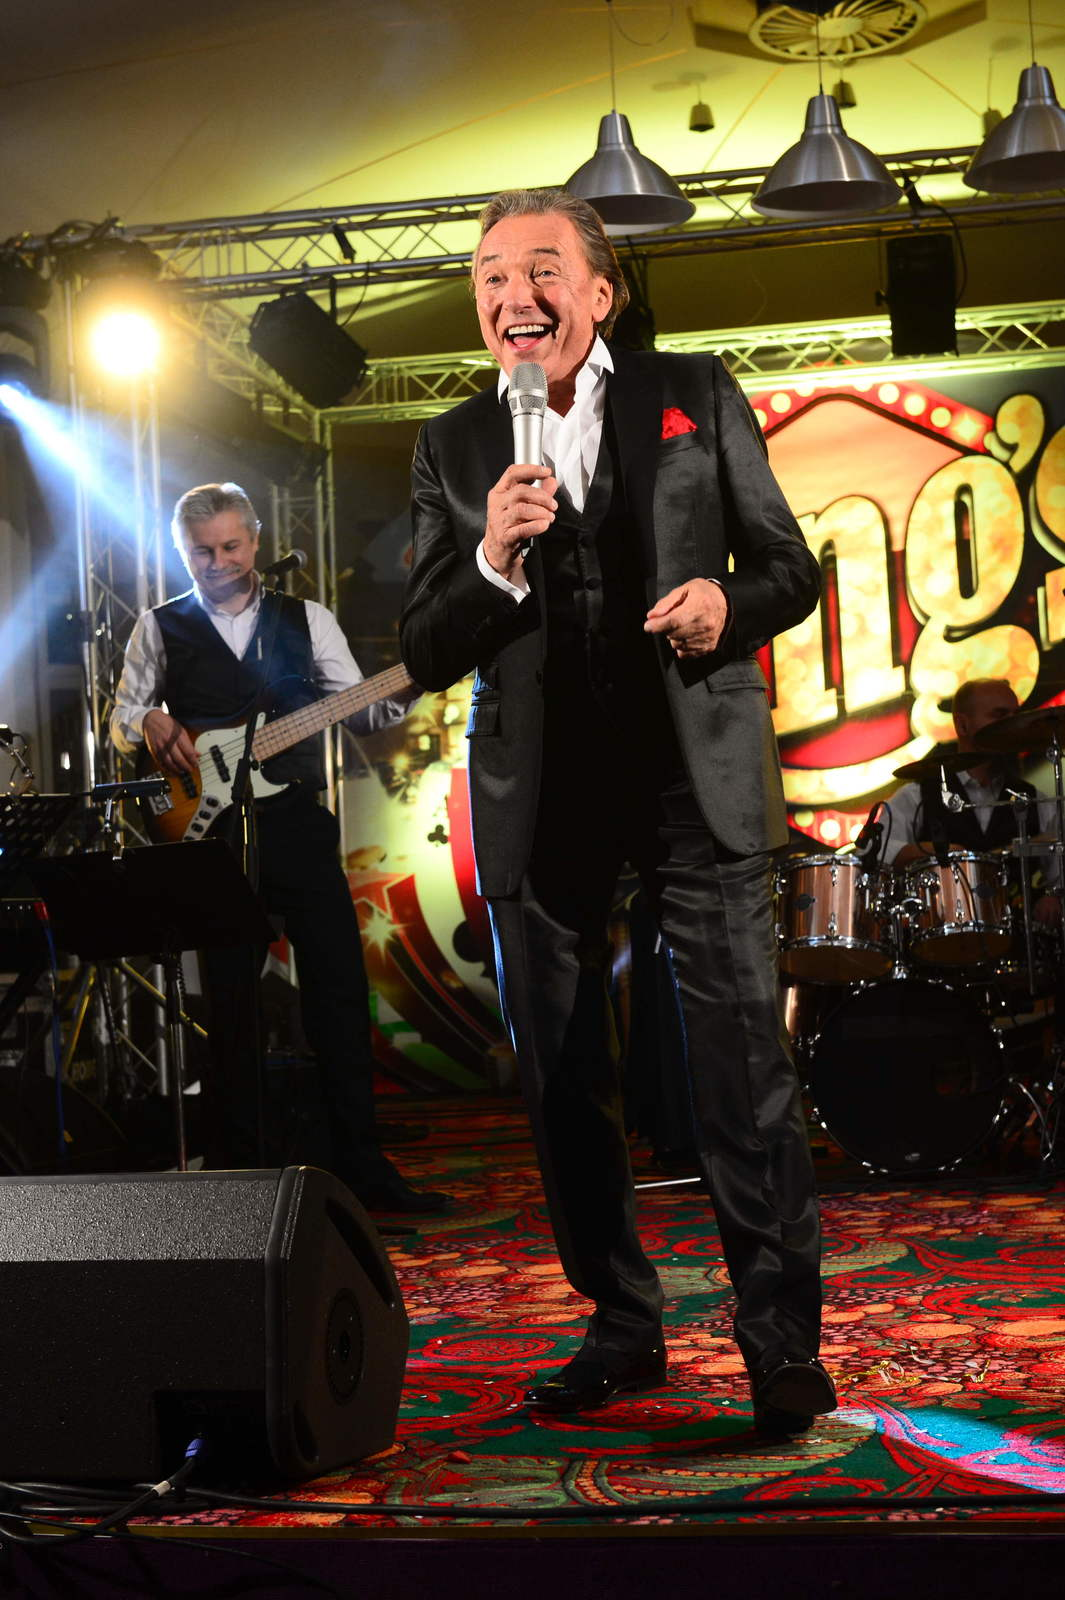 Silvestr 2013: Karel Gott vystupuje v kasinu